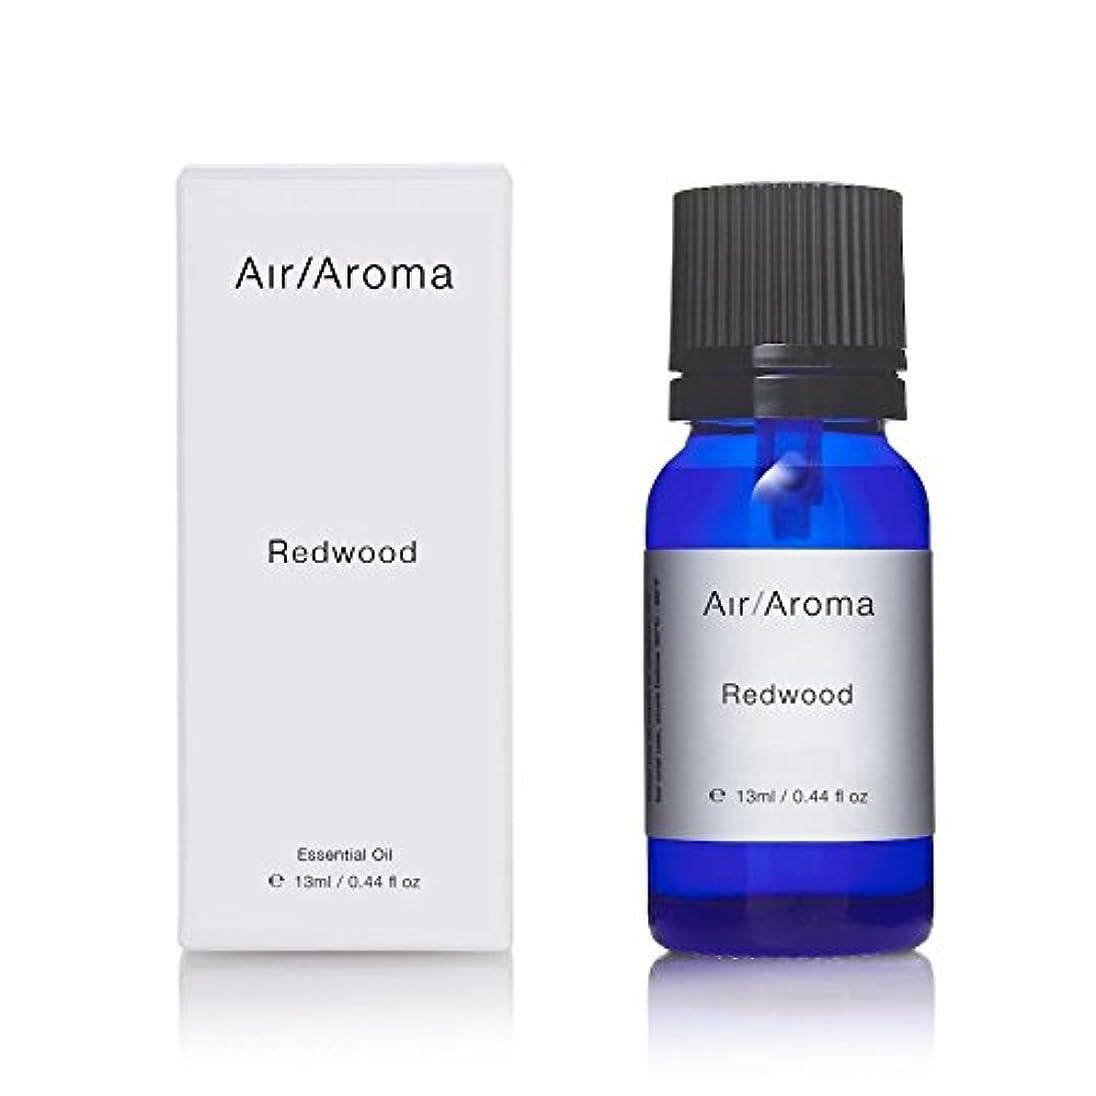 たくさん科学者愛情エアアロマ redwood (レッドウッド) 13ml